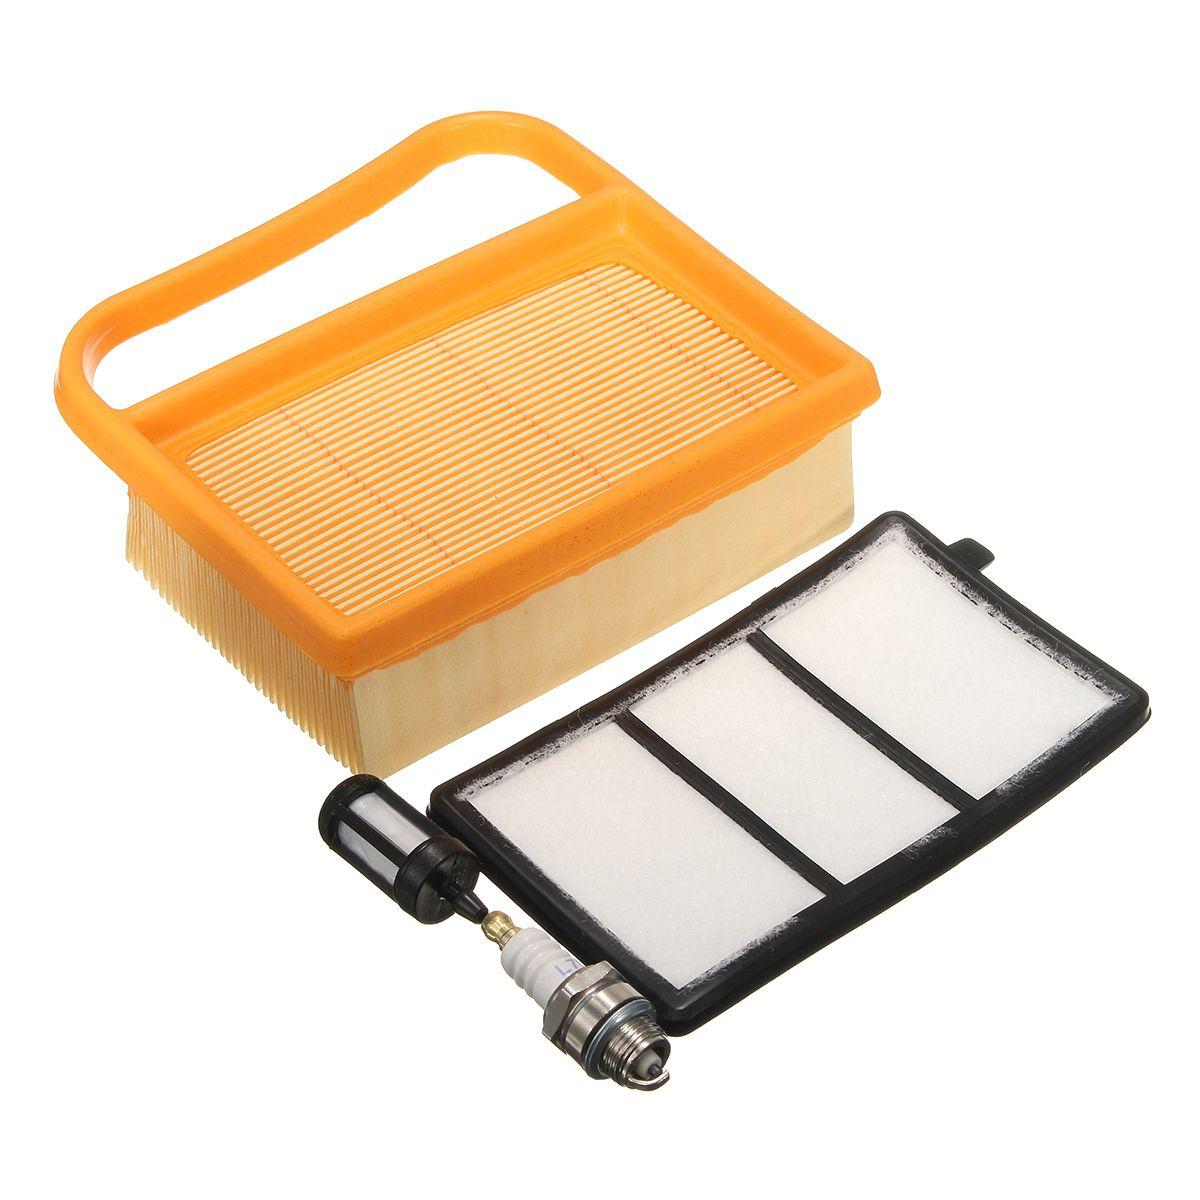 Filtro de aire filtro k/&n filters bm-0300